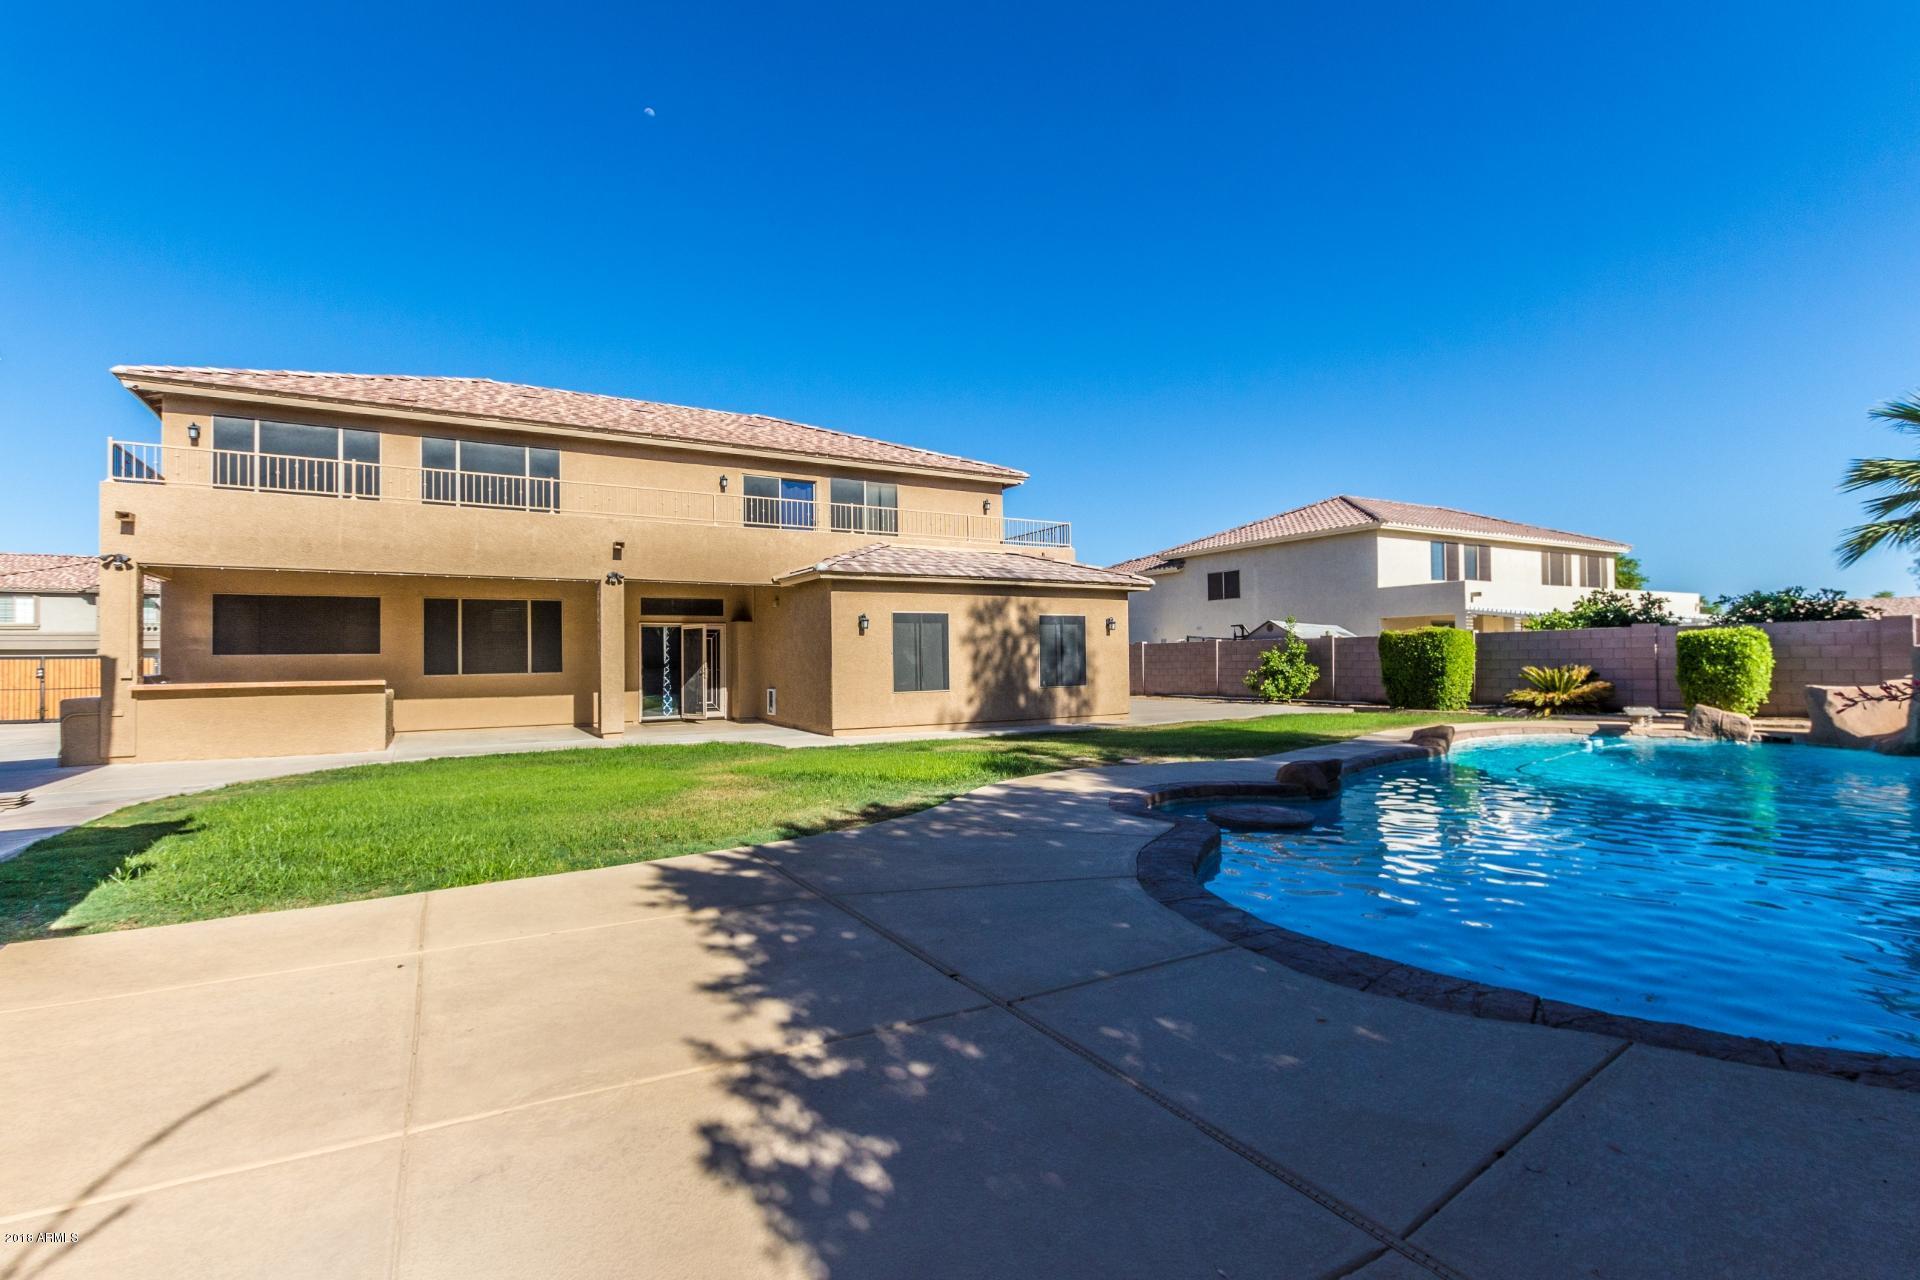 MLS 5770982 5520 N 131ST Drive, Litchfield Park, AZ 85340 Litchfield Park AZ Dreaming Summit